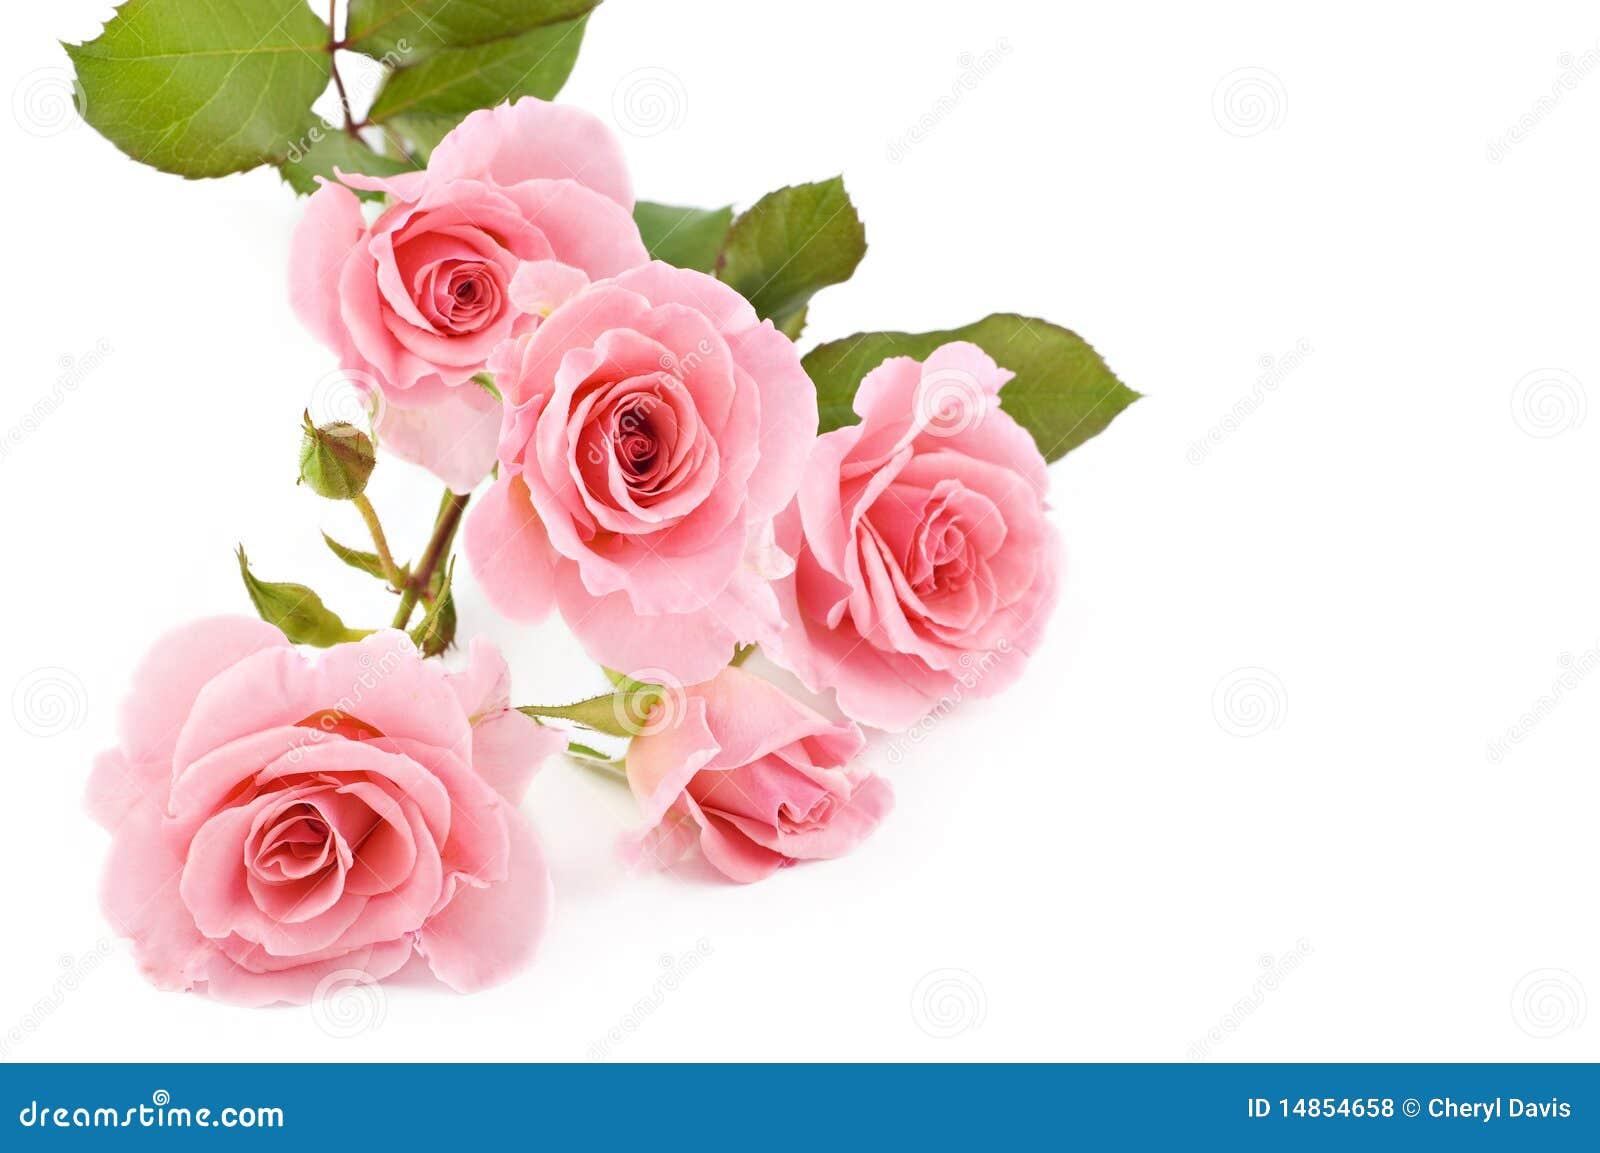 Розы цветы на белом фоне